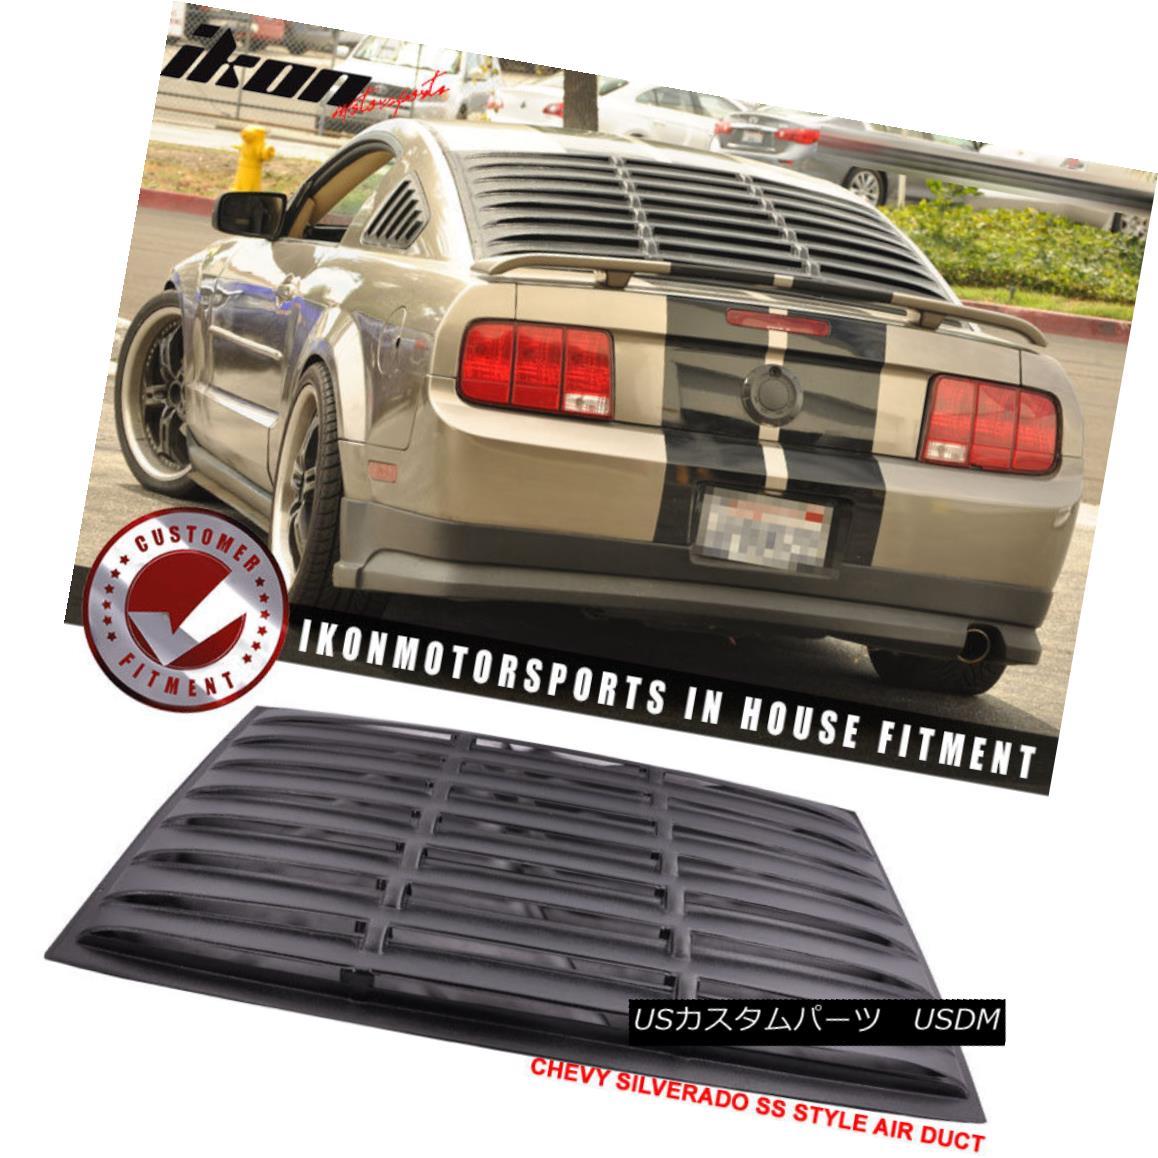 エアロパーツ Fit For 05-14 Ford Mustang GT V6 V8 Window Louver Rear Cover Matte Black ABS フィットフォー05 - 14フォードマスタングGT V6 V8ウィンドウルーバーリアカバーマットブラックABS